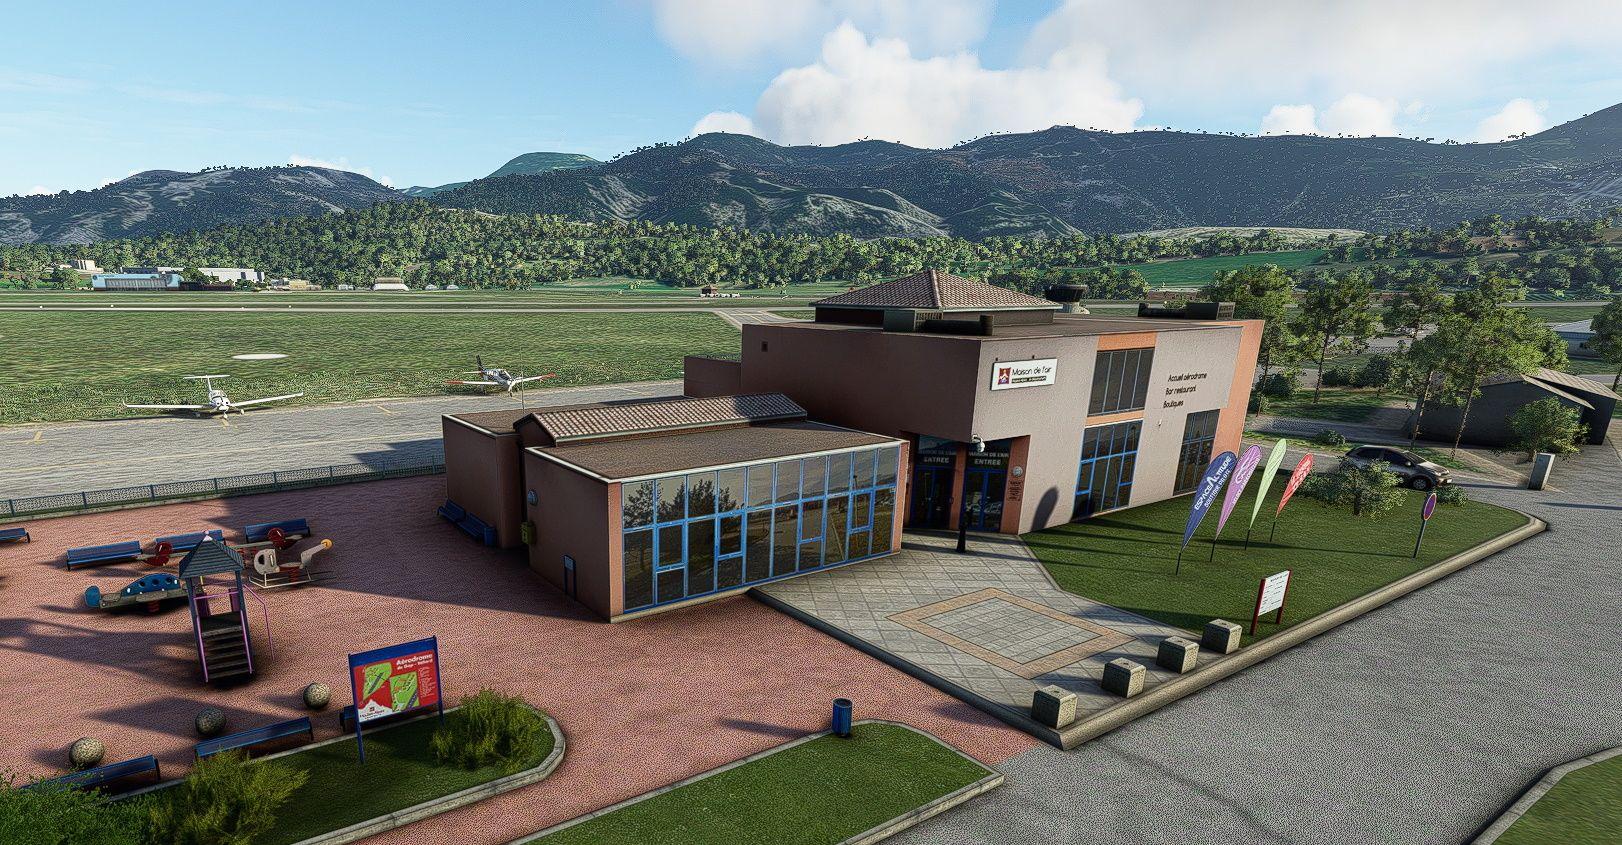 MSFS LFNA Gap - Tallard Airport